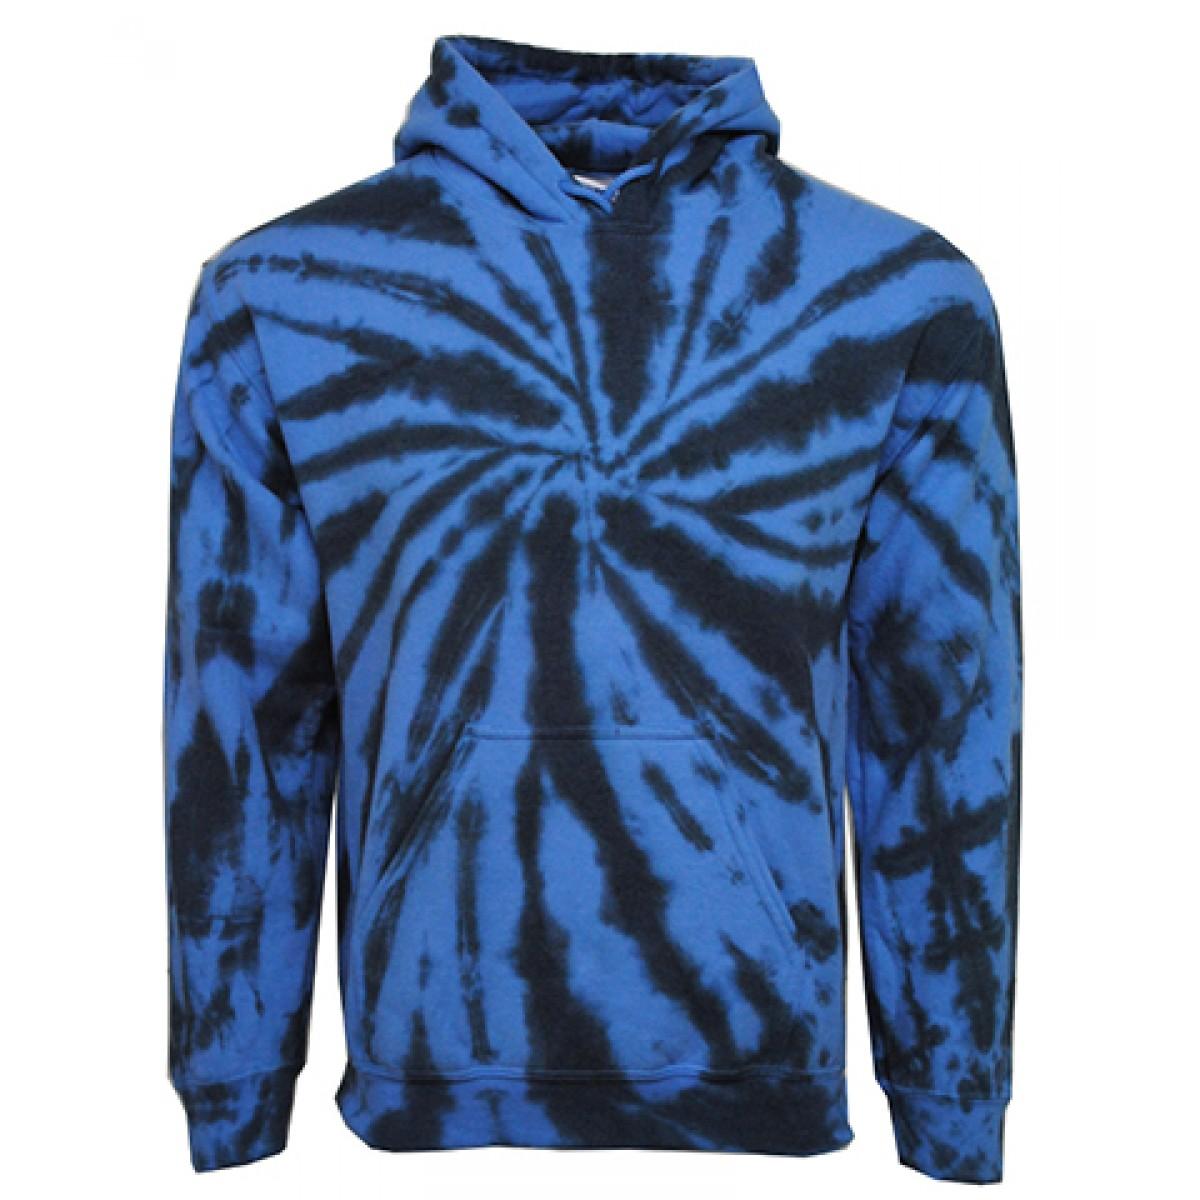 Tie die Hooded Sweatshirt  50/50 Heavy Blend-Blue-S